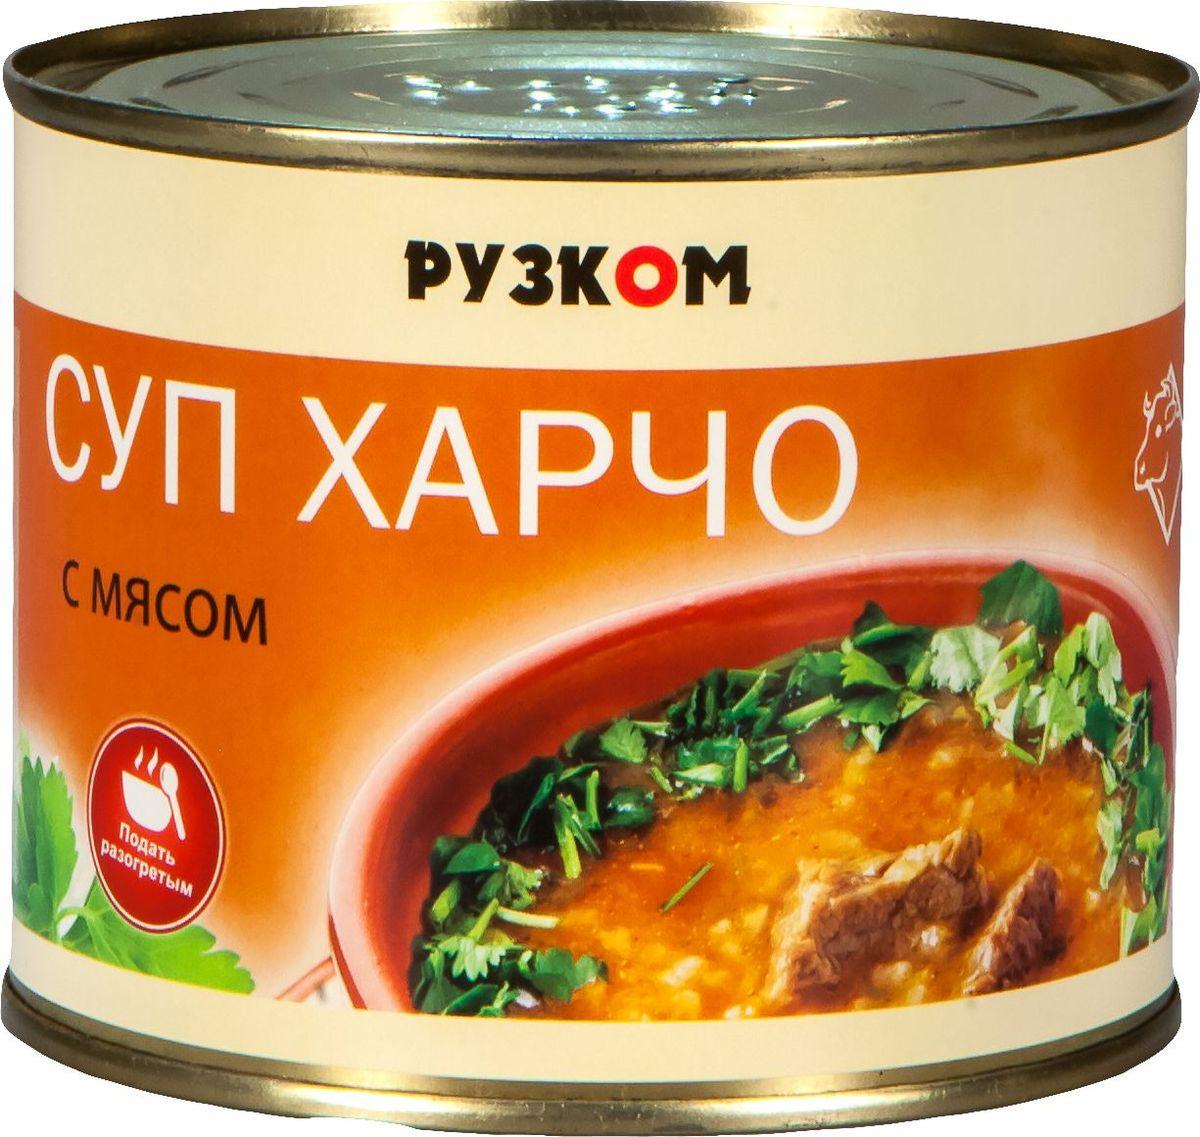 Рузком Суп харчо с мясом, 540 г4606411012159